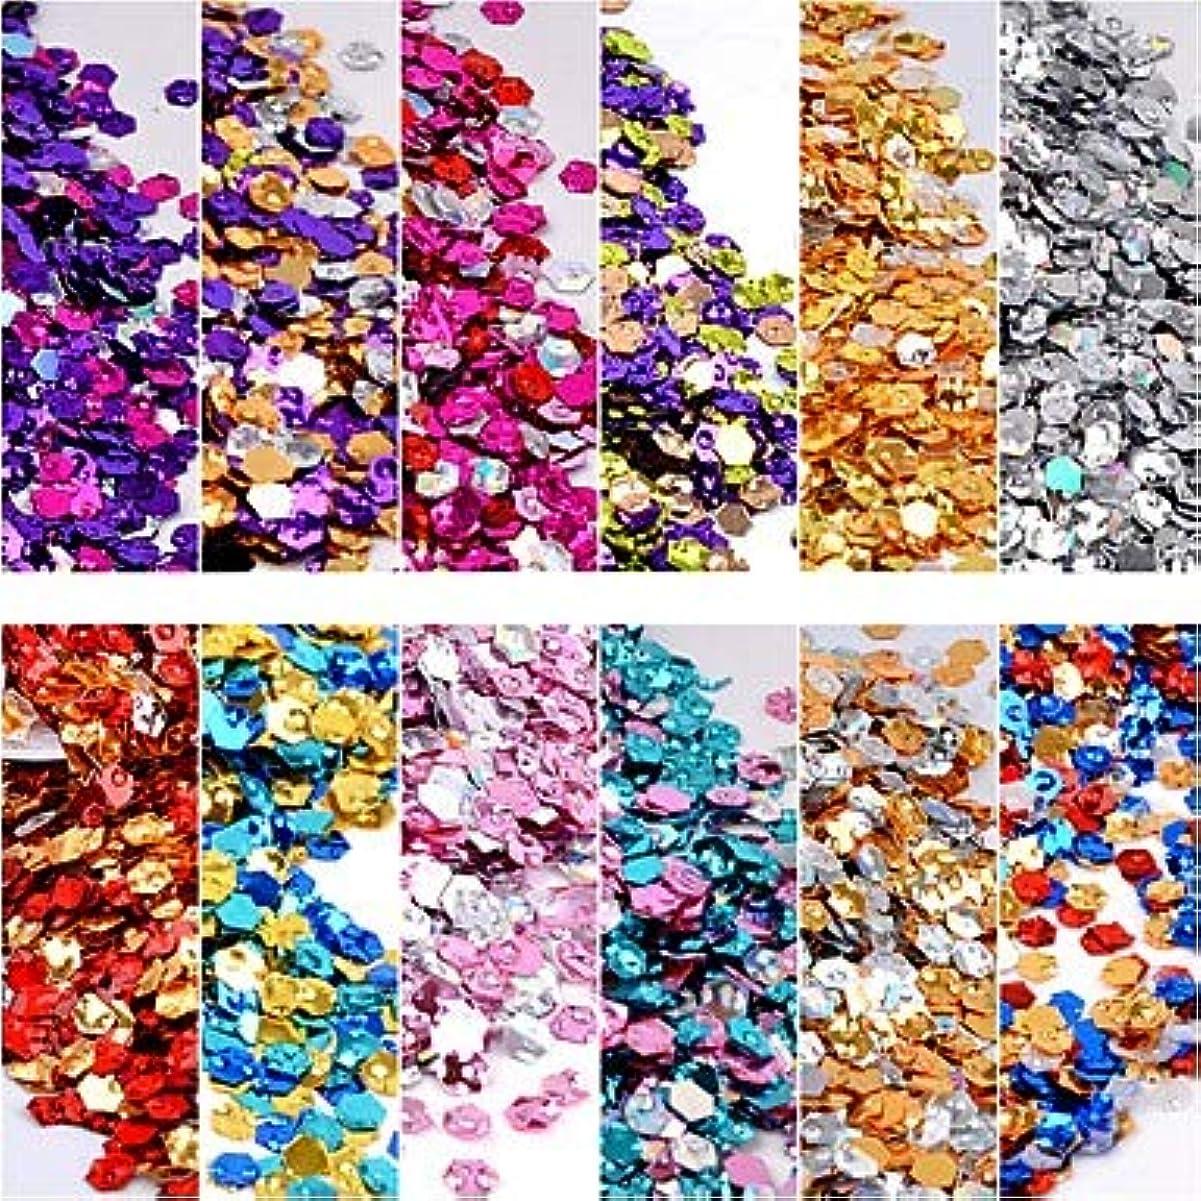 満員手数料例示する12ピース変色スリムデザインプラスチックスパンコール指ネイルロマンチックシリーズネイルアートマニキュアペディキュア毎日